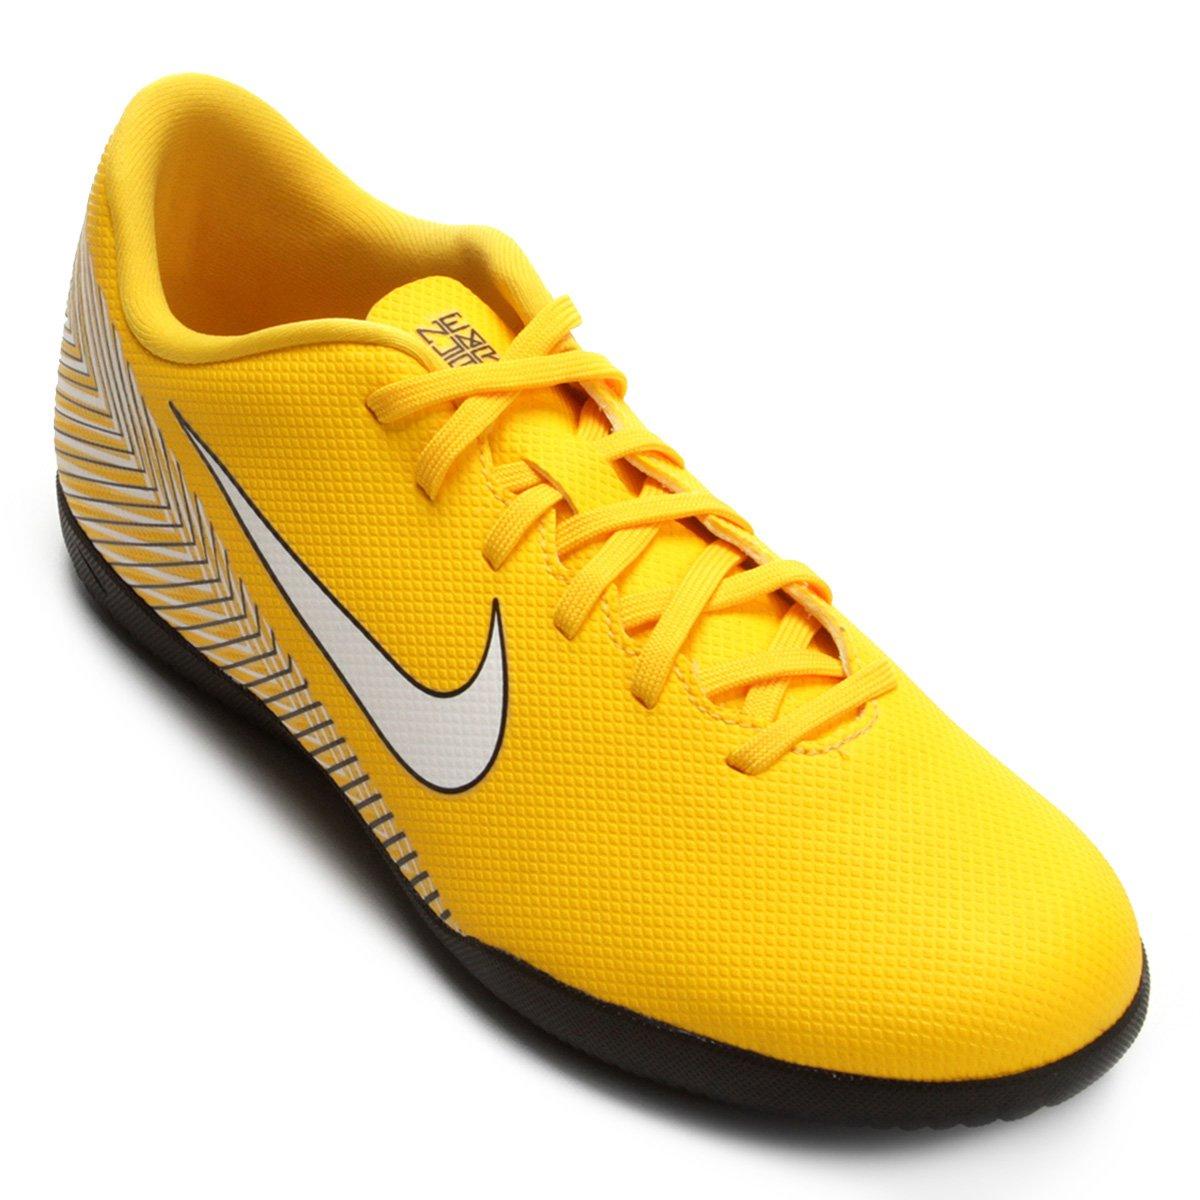 6e0849d5b6363 Chuteira Futsal Nike Mercurial Vapor 12 Club Neymar IC - Amarelo e Preto - Compre  Agora